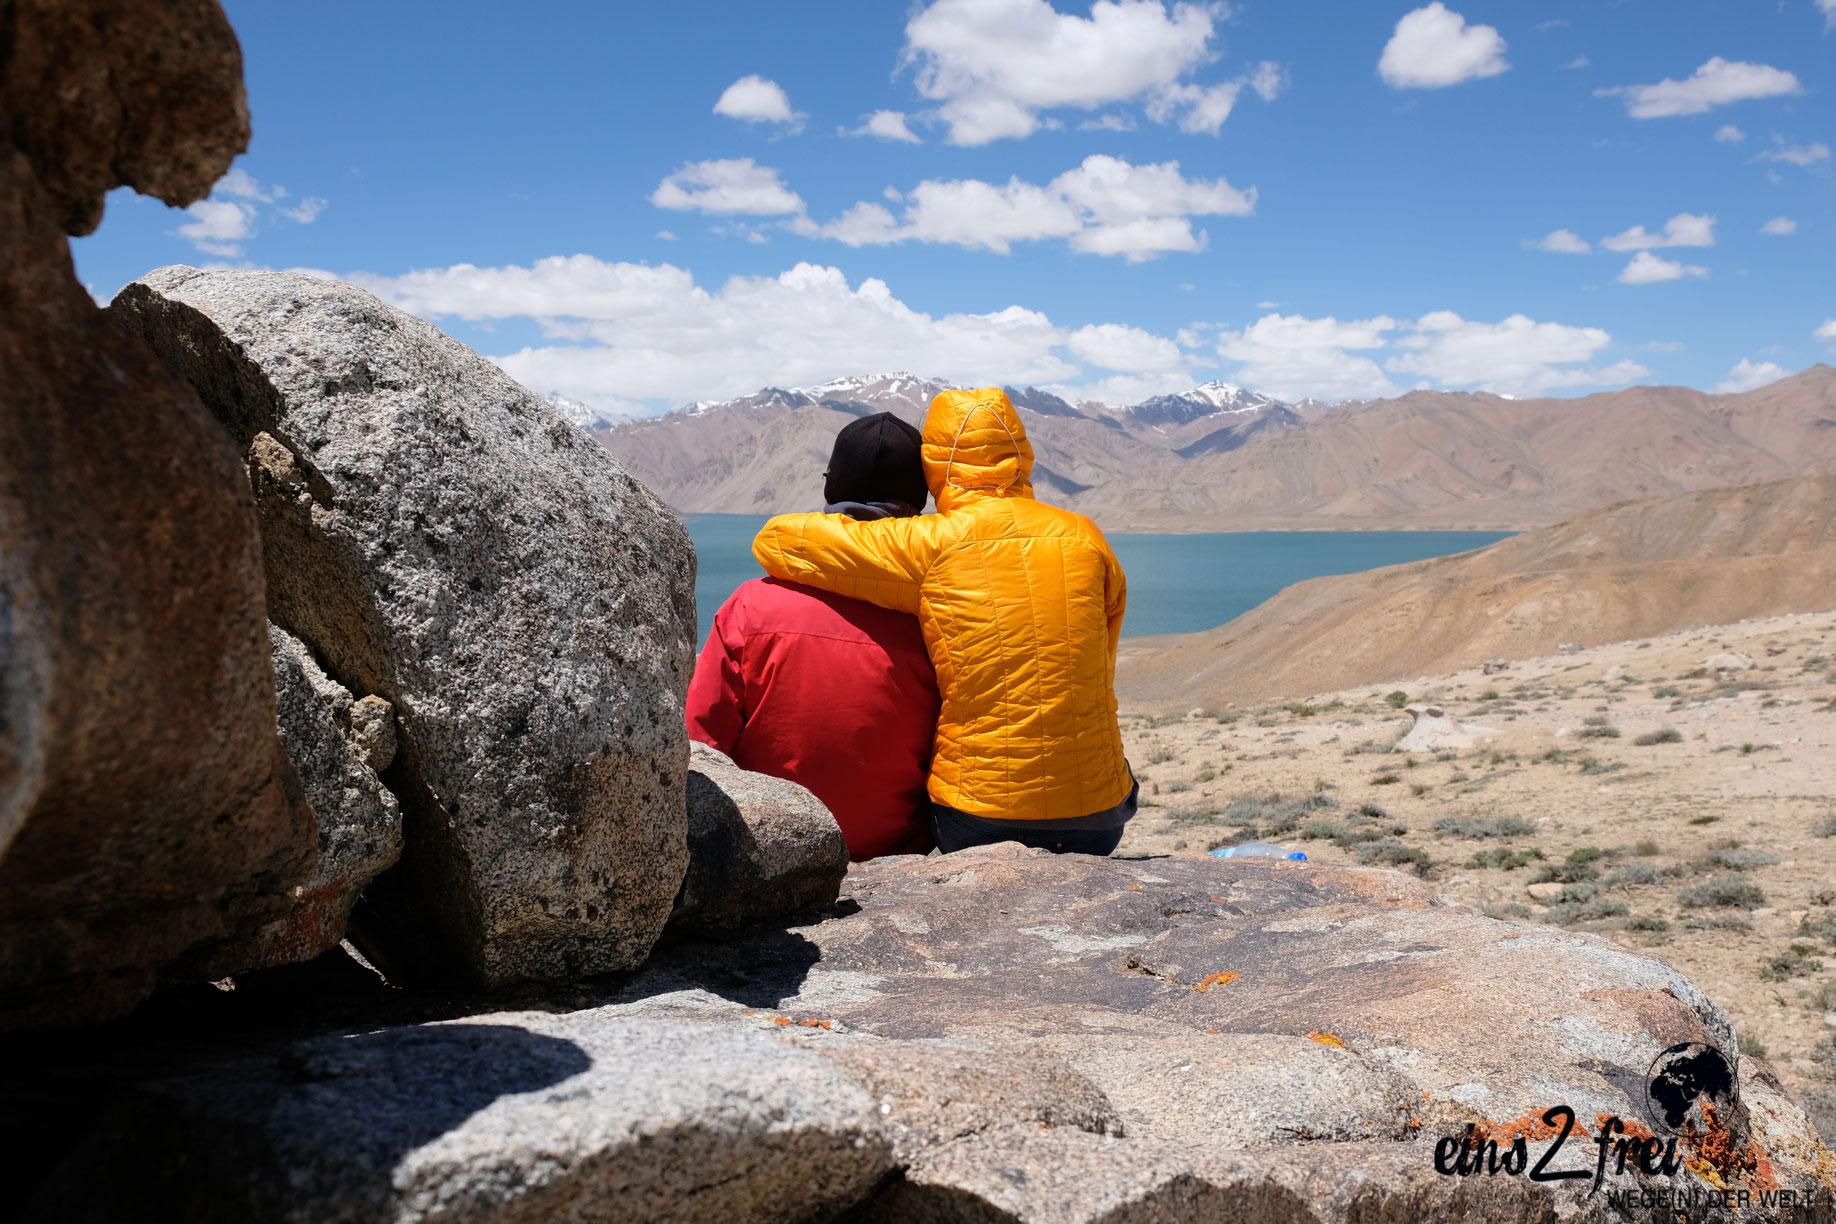 """Unser liebstes Bild in der Kategorie """"Fernauslöser"""": Wir zwei :-) See Yesikul, Tadschikistan. Juni 2017."""